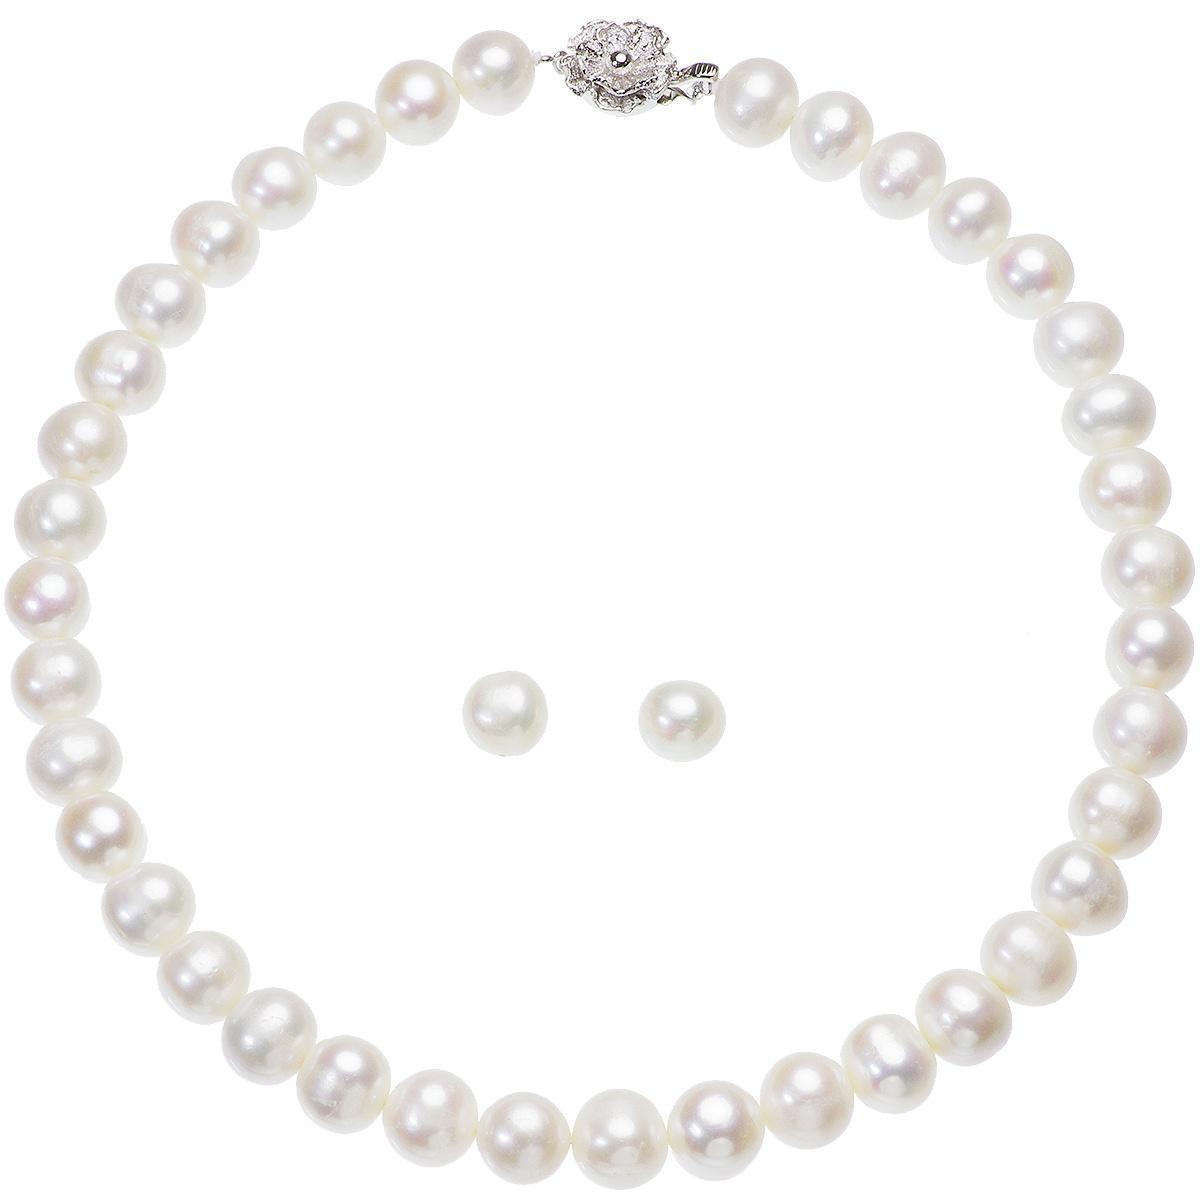 高級 淡水真珠 大粒 パールネックレス 結婚式 約10.0mm-11.5mm ホワイトピアスセットの写真